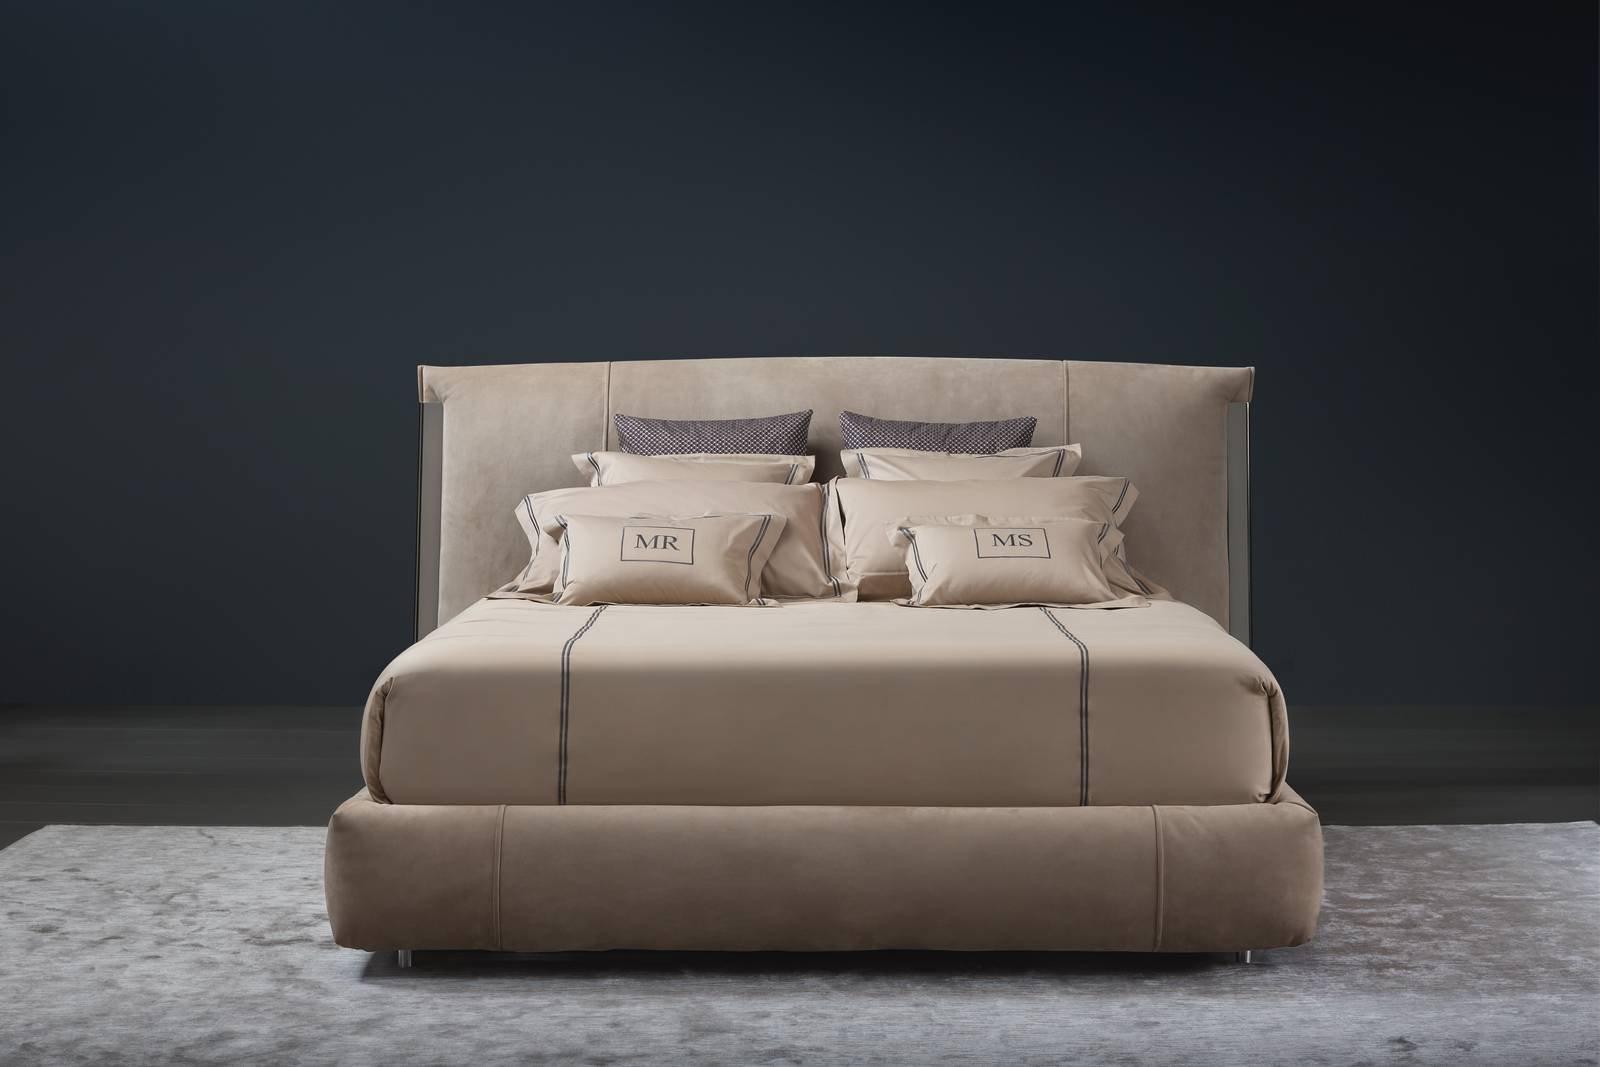 Letti imbottiti le novit al salone del mobile 2017 cose di casa - Testata letto design ...